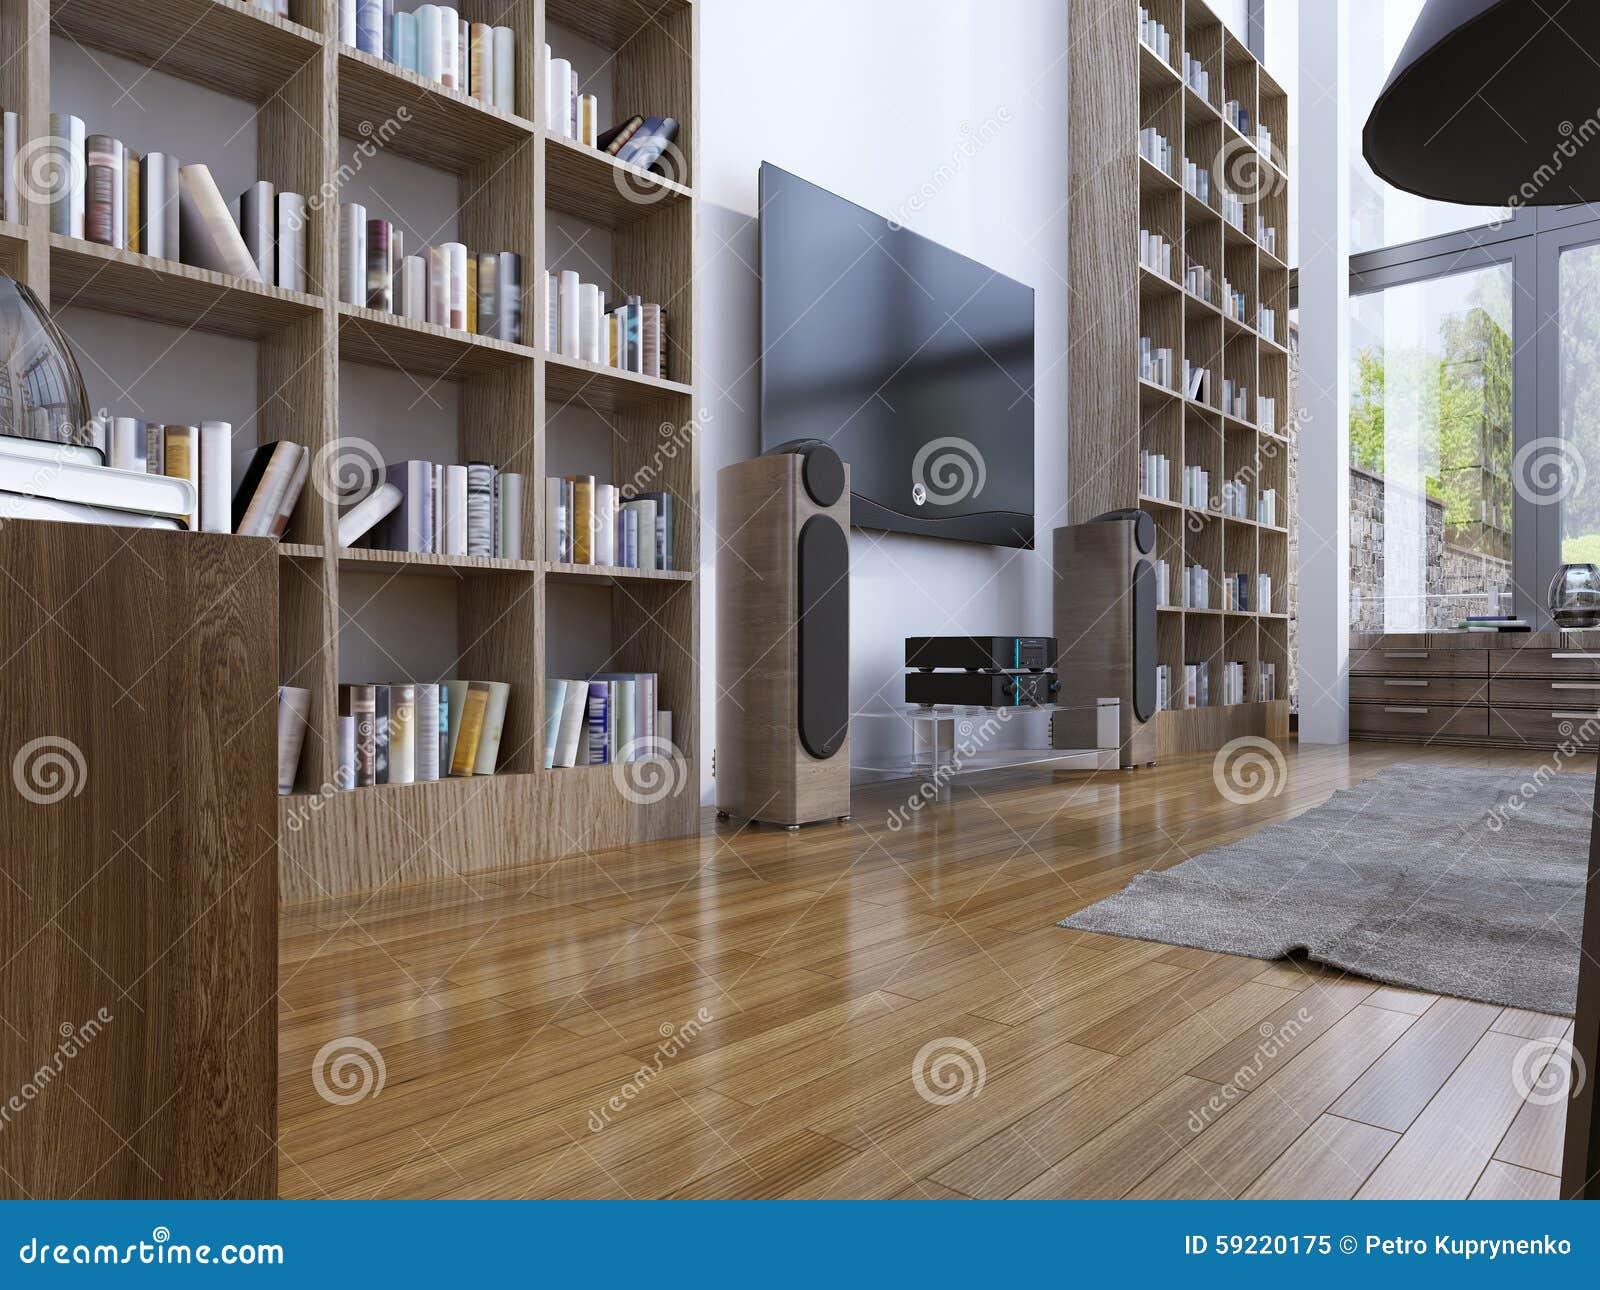 Huisbibliotheek in moderne stijl